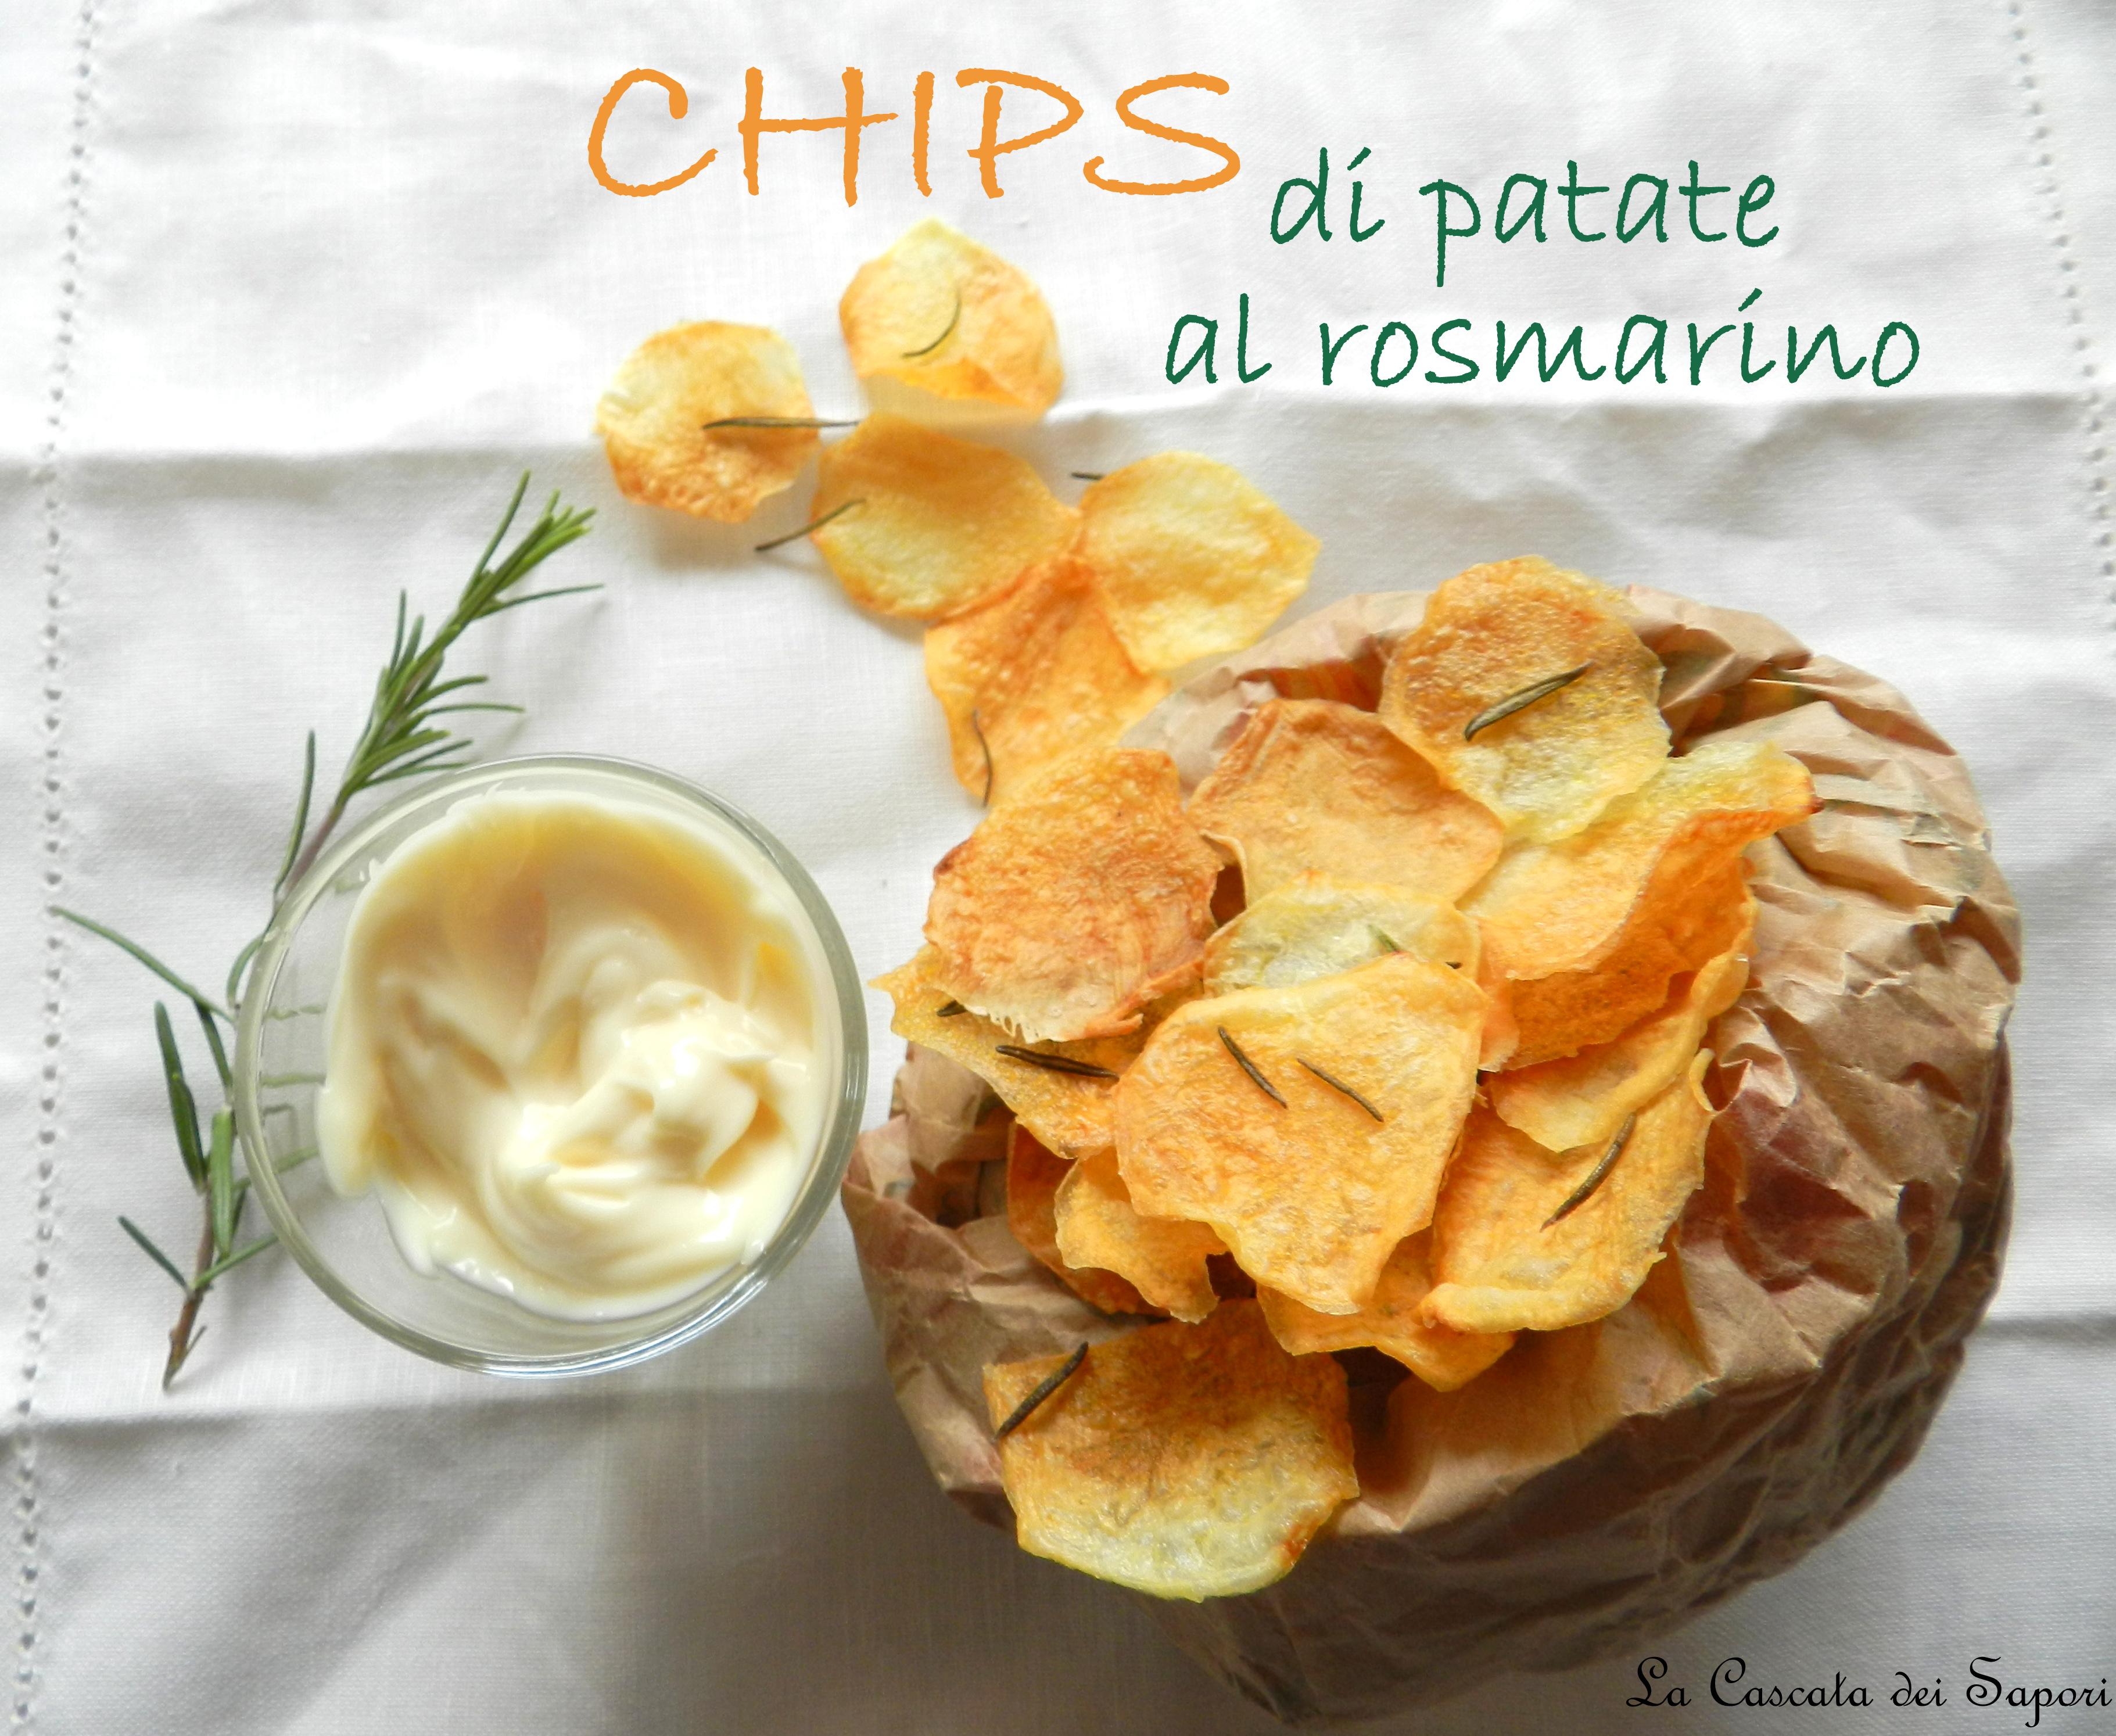 CHIPS di patate al rosmarino